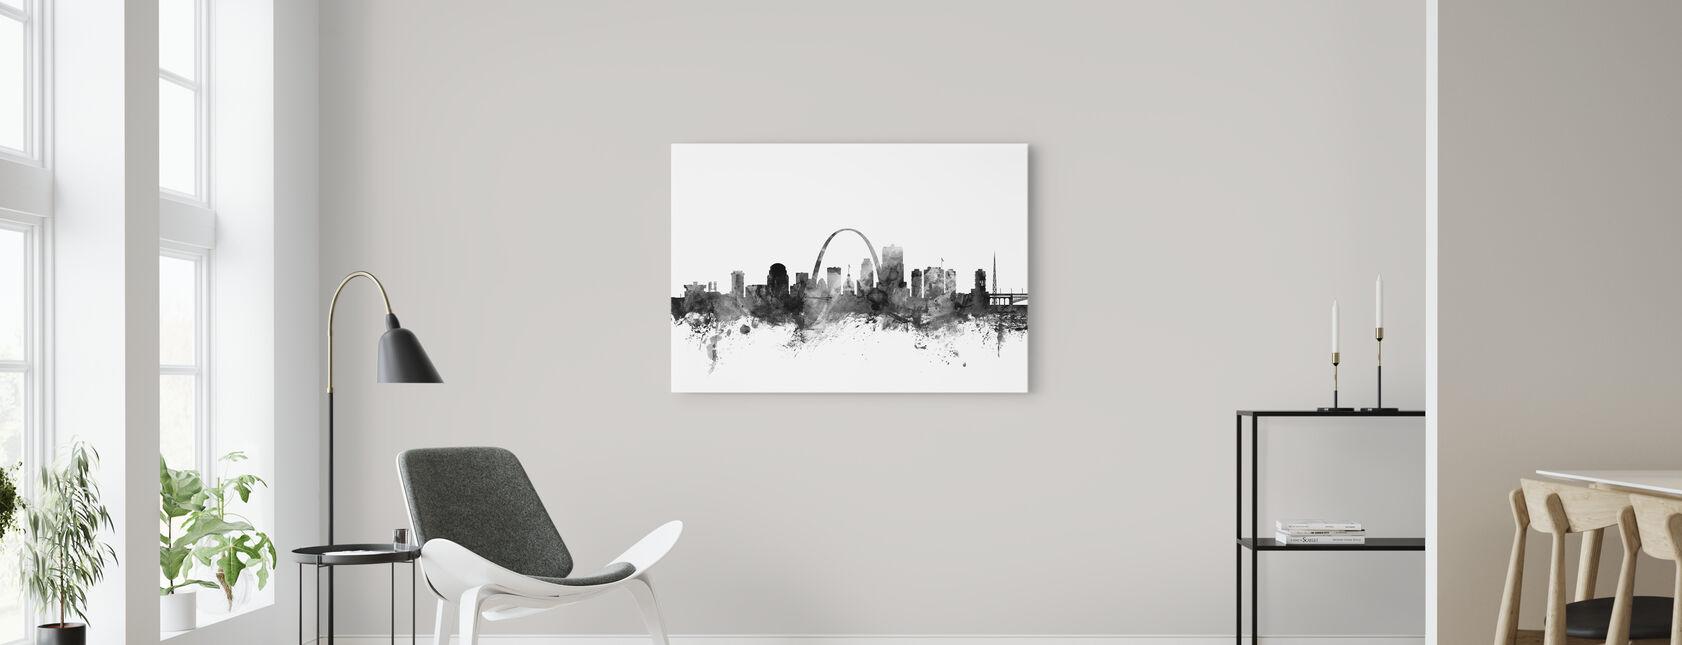 St Louis Missouri Skyline Zwart - Canvas print - Woonkamer